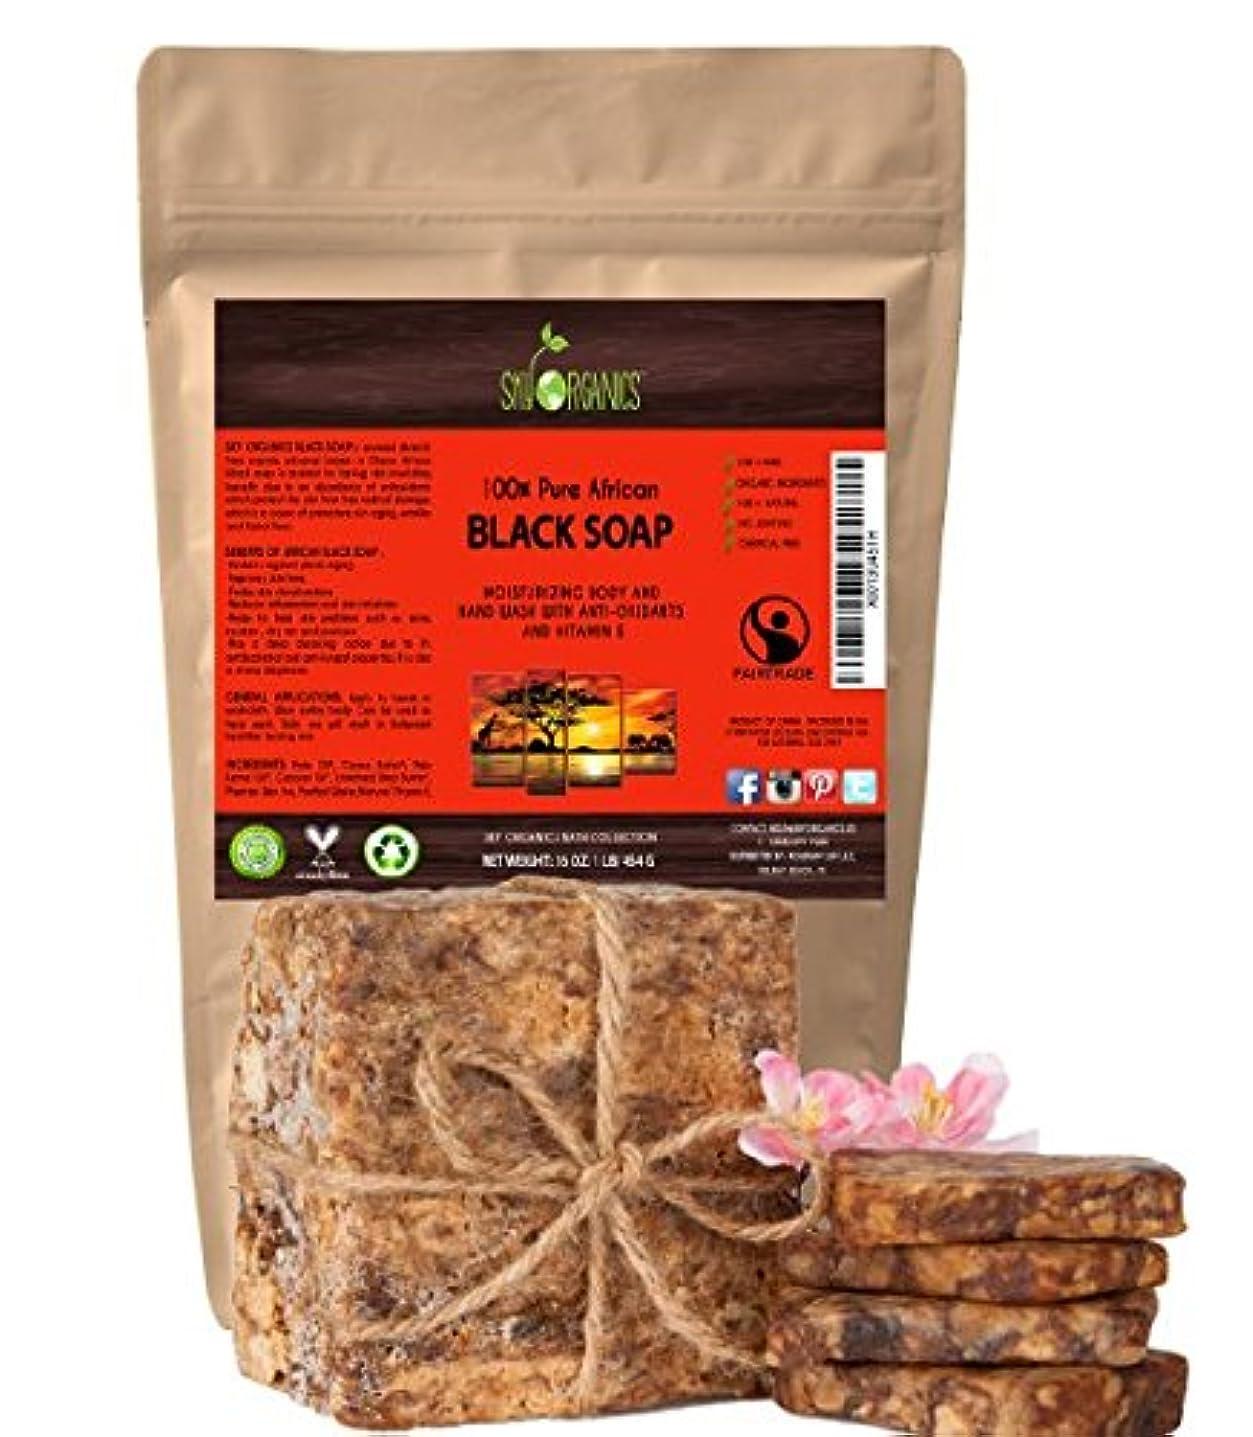 結婚するクリケットたまに切って使う オーガニック アフリカン ブラックソープ (約4563gブロック)Organic African Black Soap (16oz block) - Raw Organic Soap Ideal for Acne...